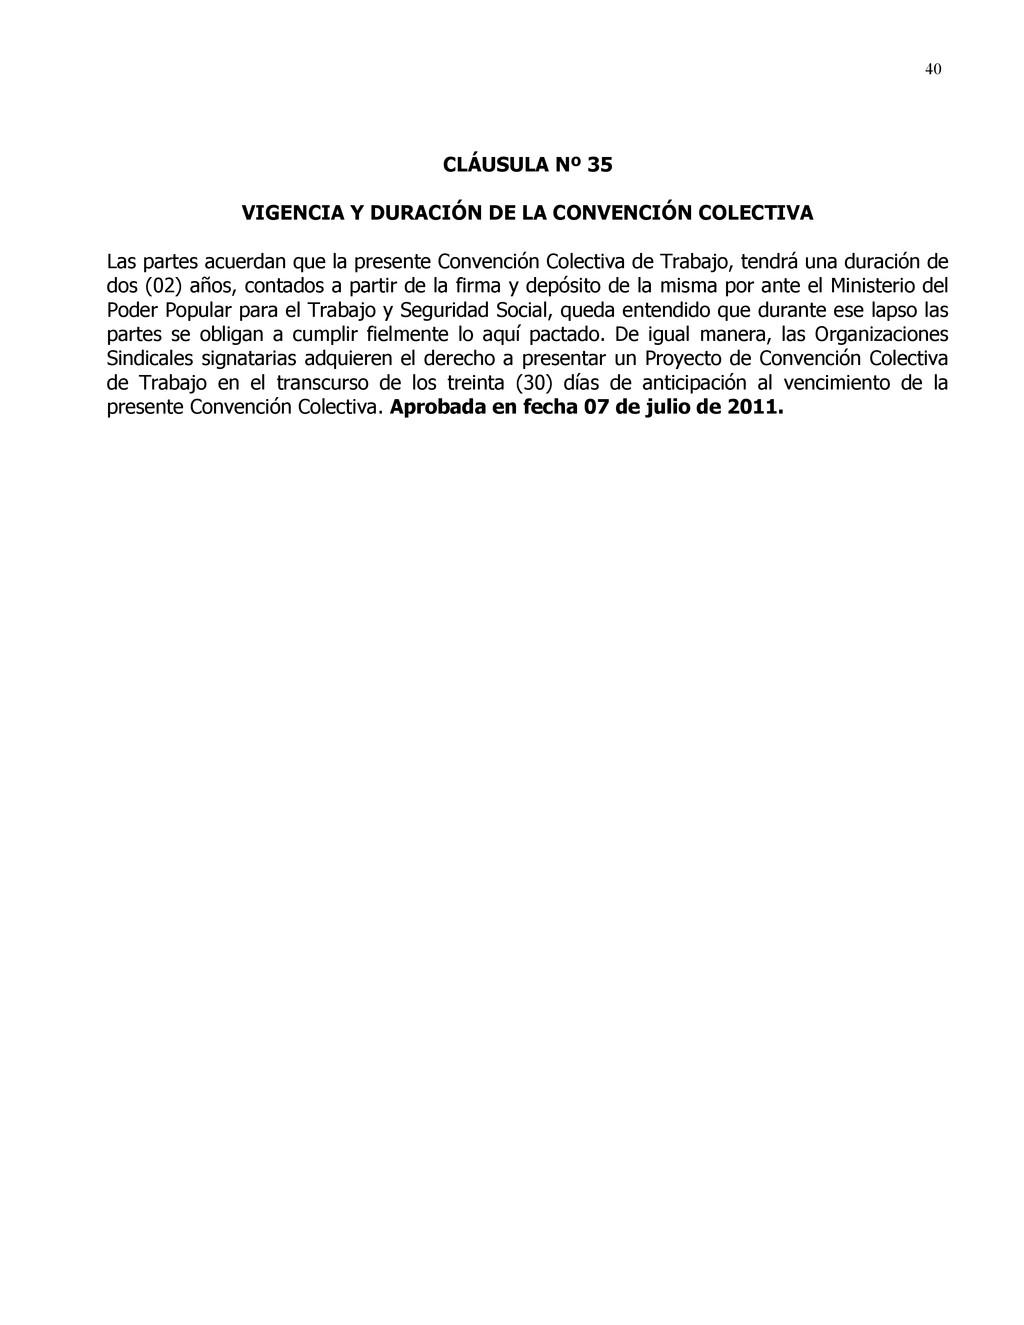 40 CLÁUSULA Nº 35 VIGENCIA Y DURACIÓN DE LA CON...